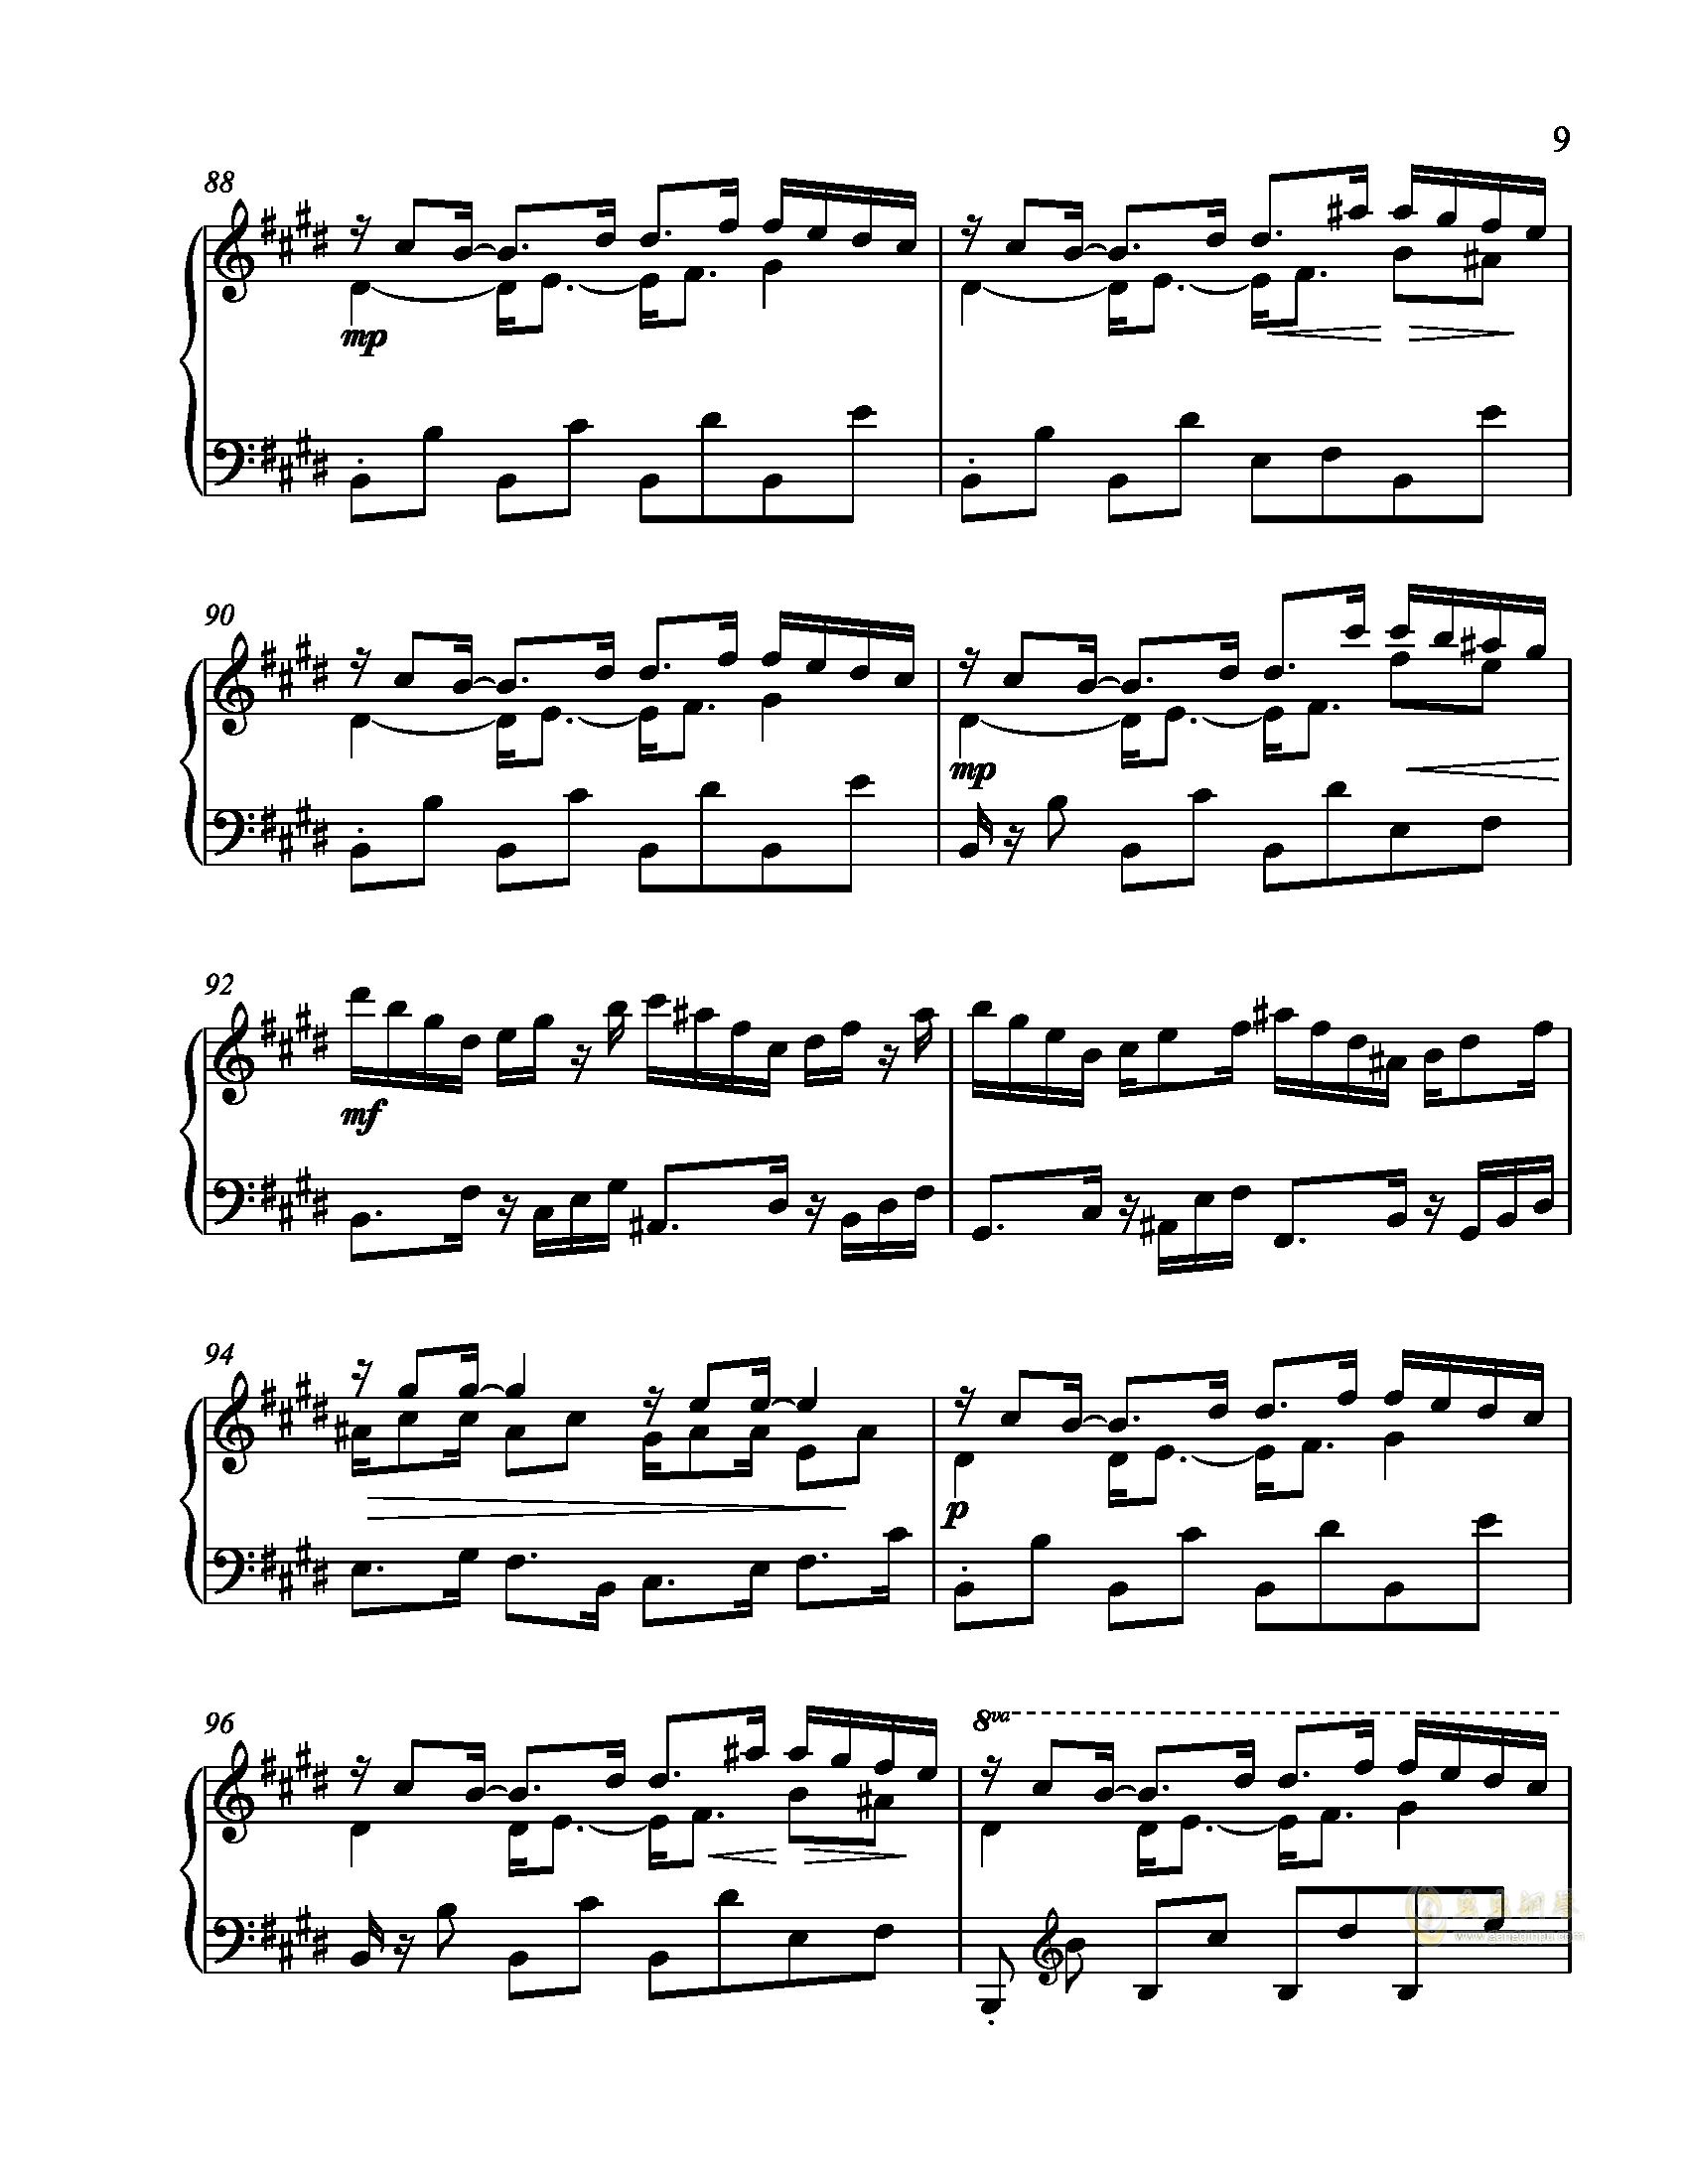 辛普森B大调练习曲钢琴谱 第9页